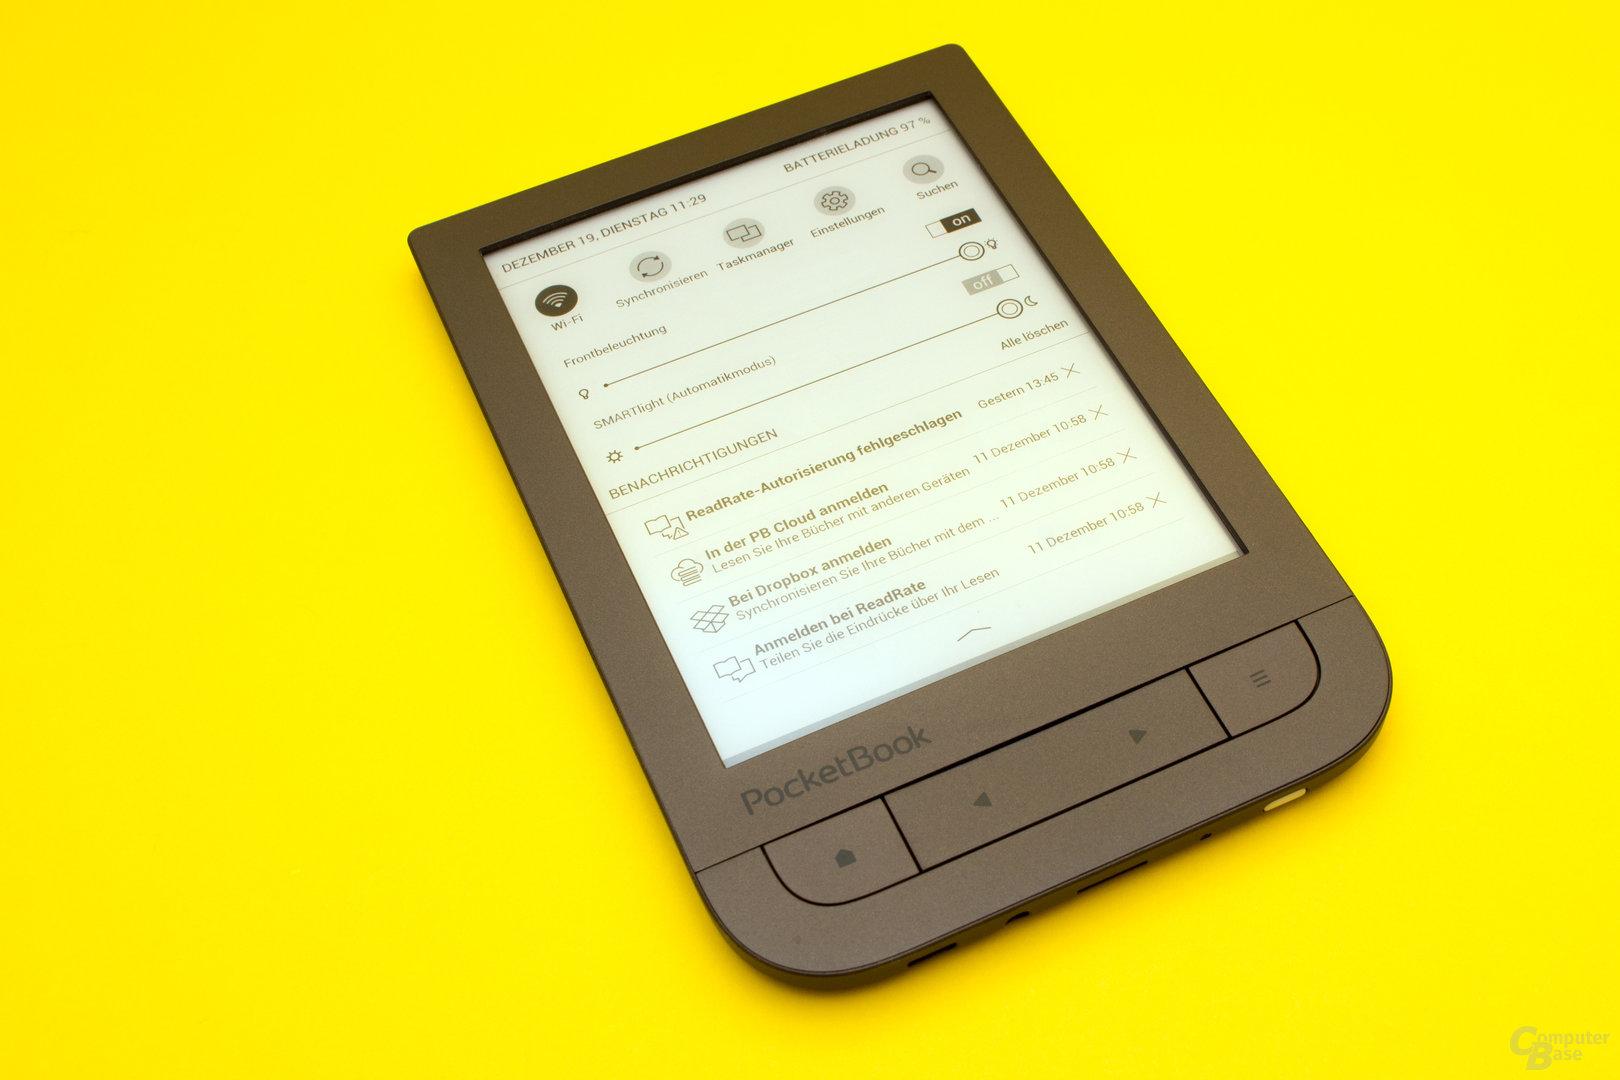 Frontbeleuchtung und smartLight beim PocketBook Touch HD 2